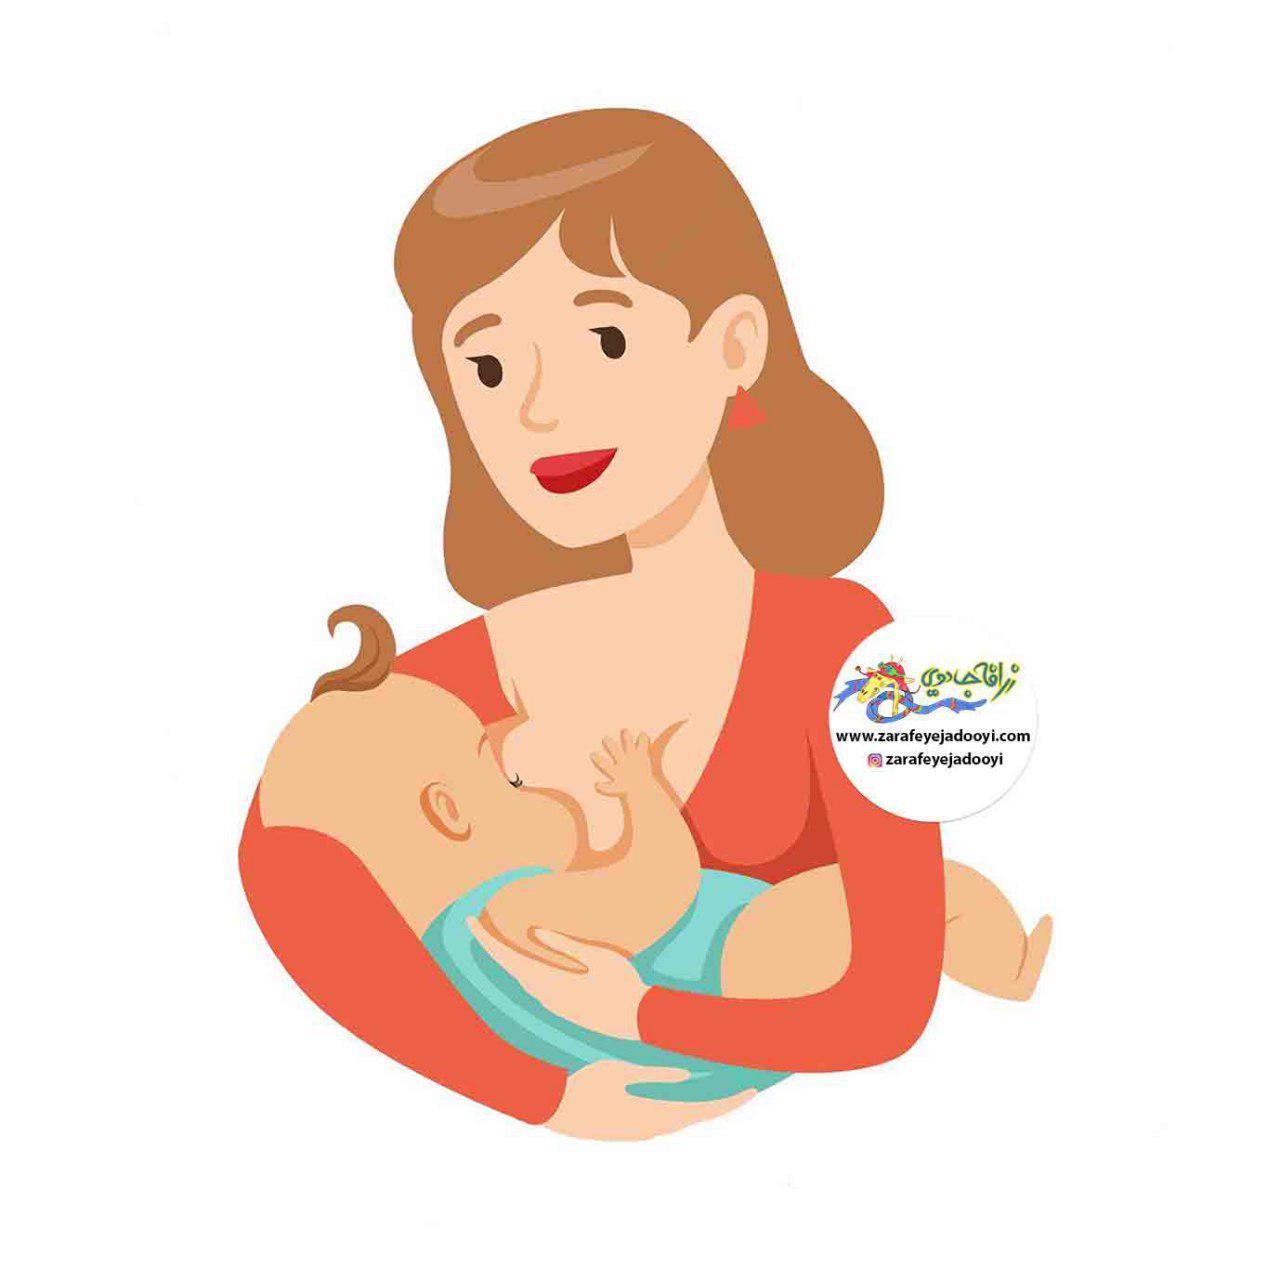 زرافه جادویی - تغذیه با شیر مادر